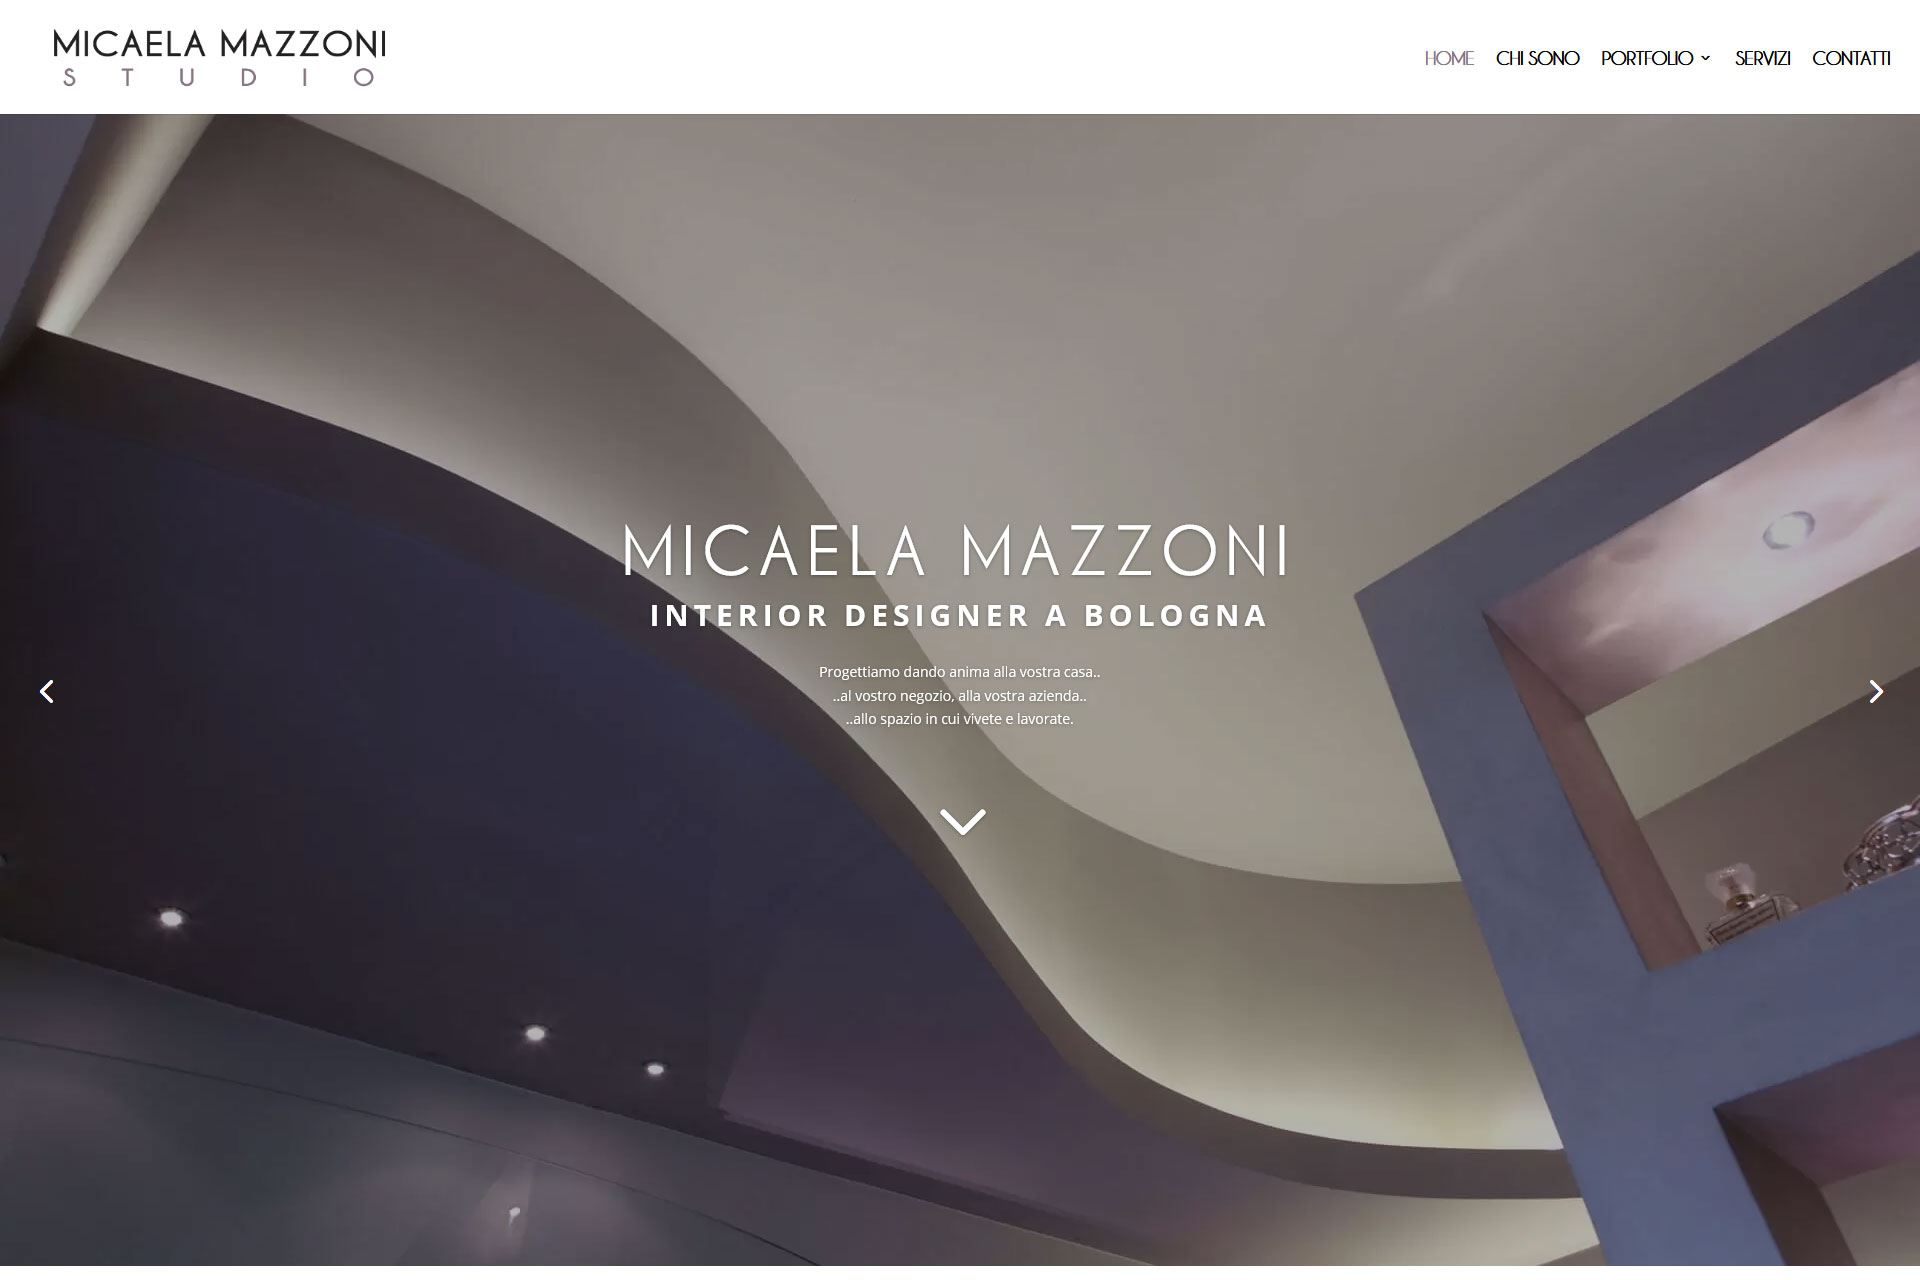 lv-design-realizzazione-siti-web-bologna-portfolio-micaela-mazzoni-studio-slide-1